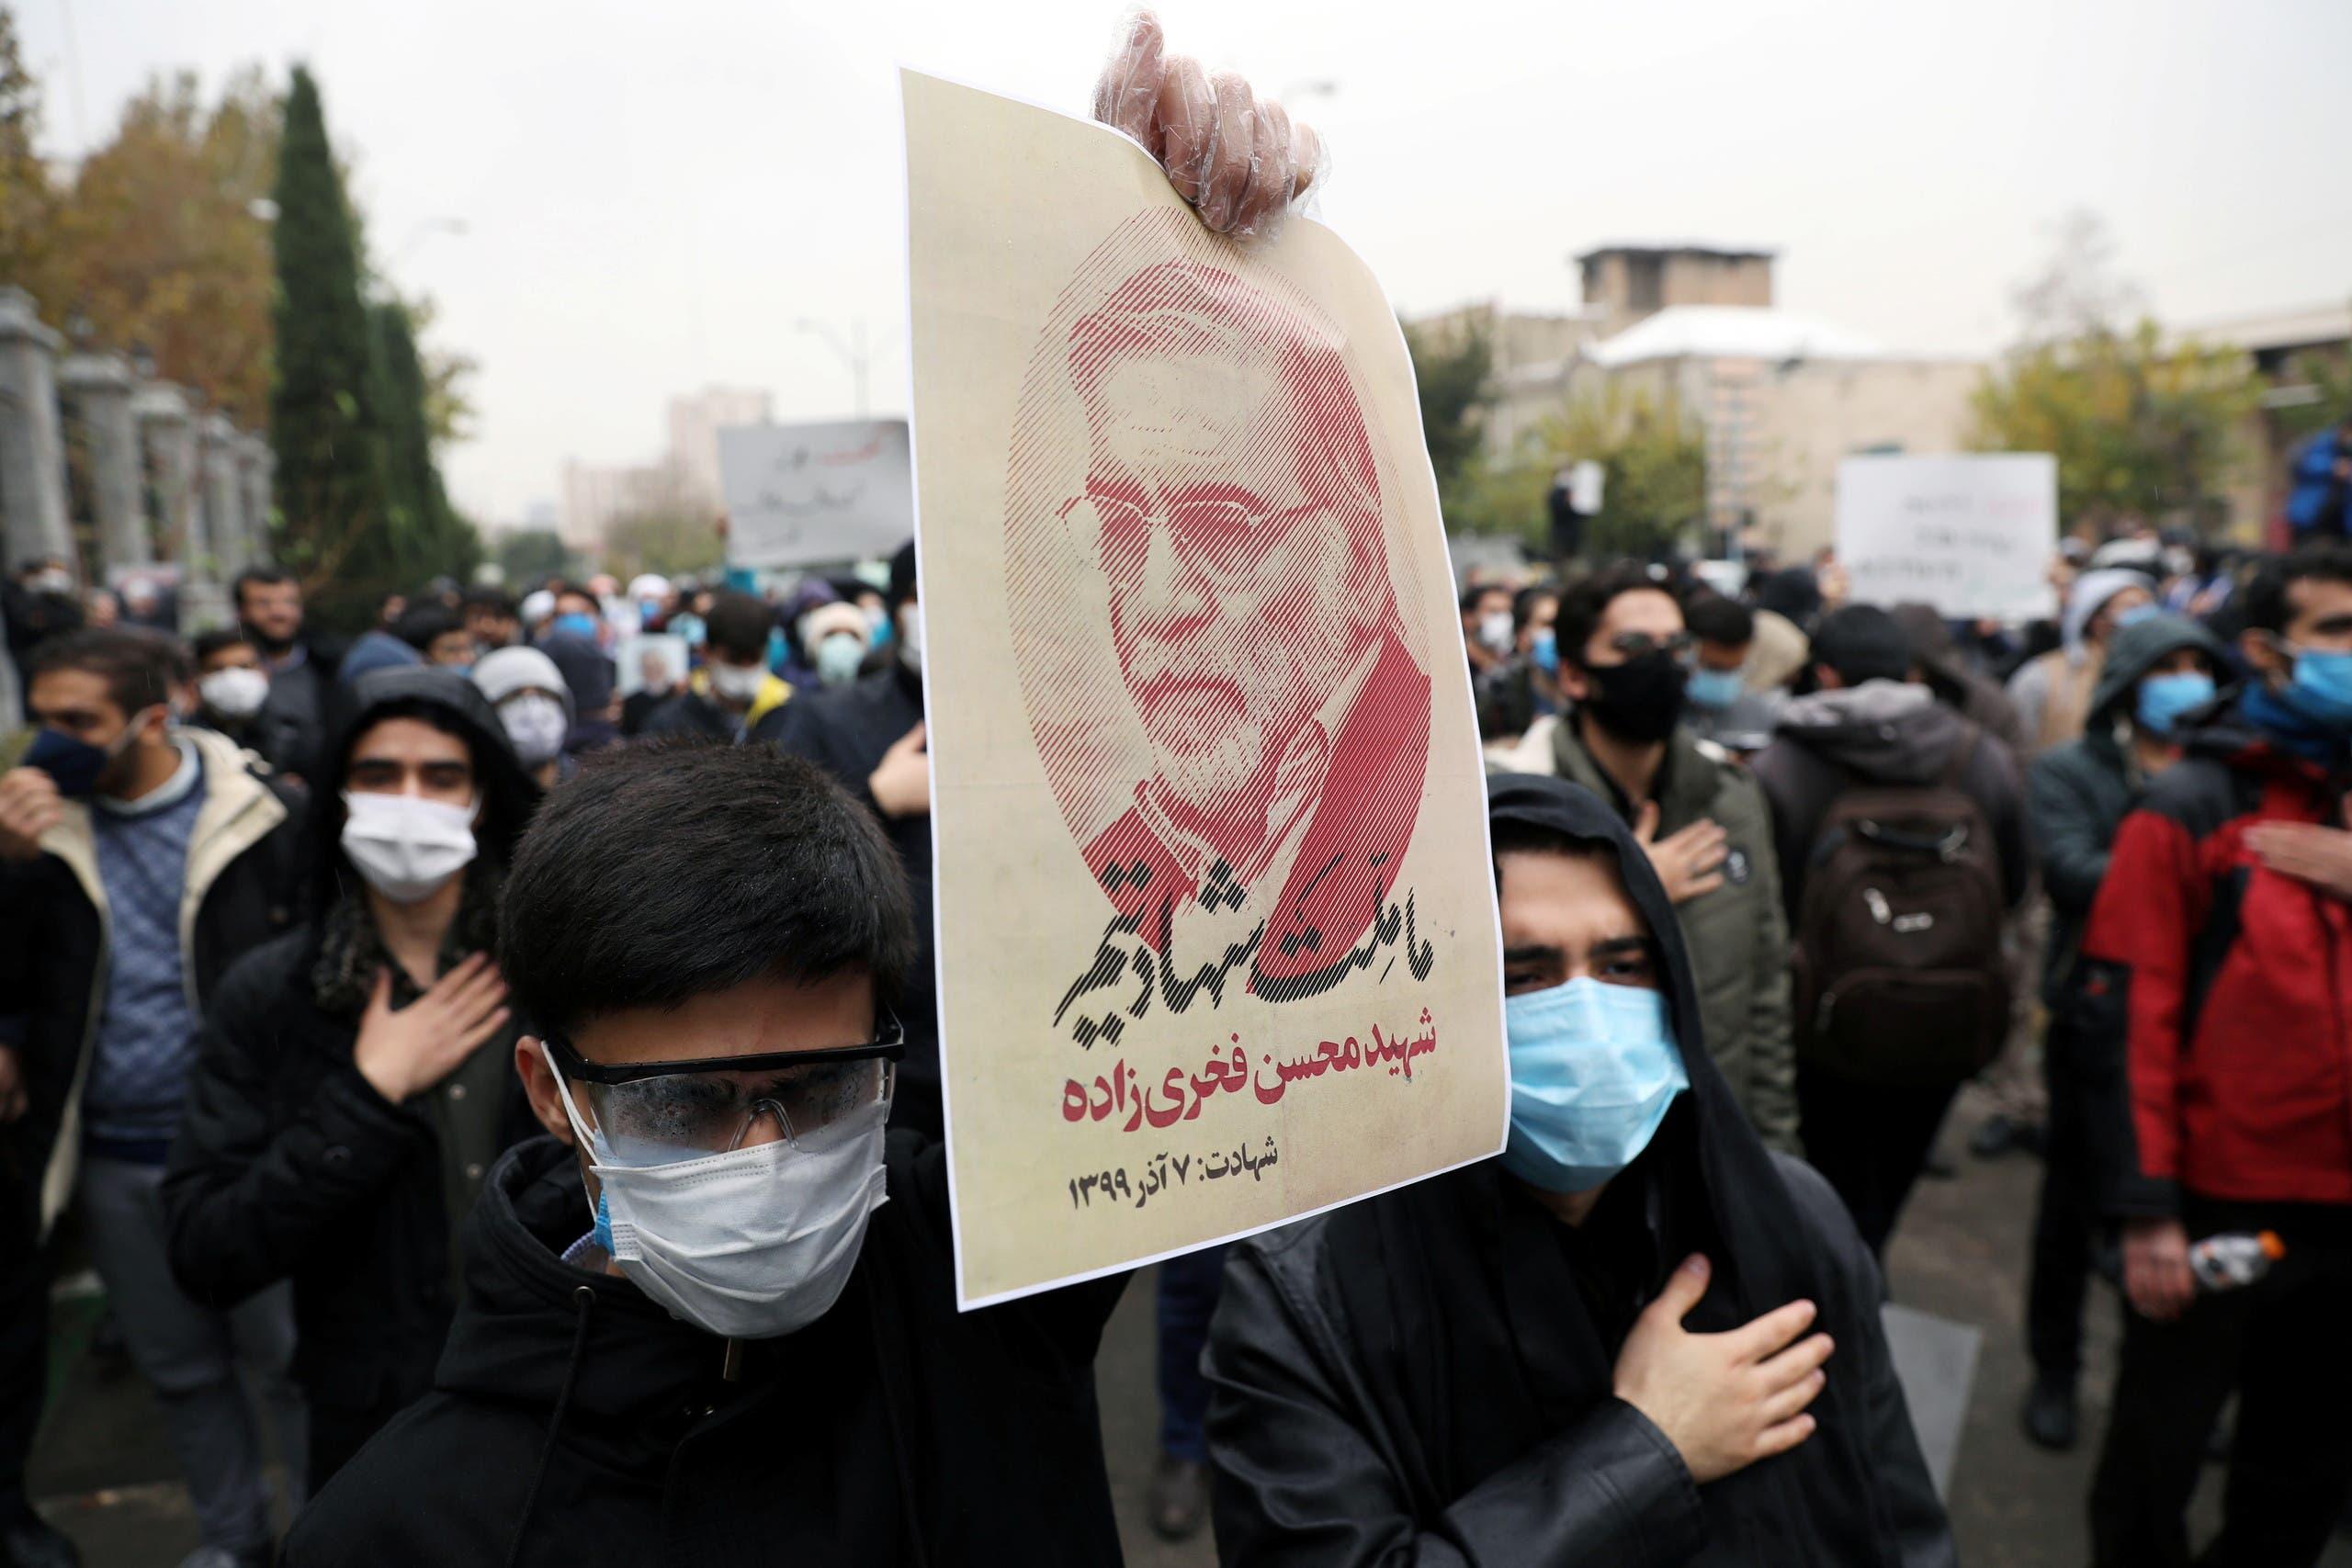 تظاهرة في إيران للتنديد بمقتل العالم النووي فخري زاده